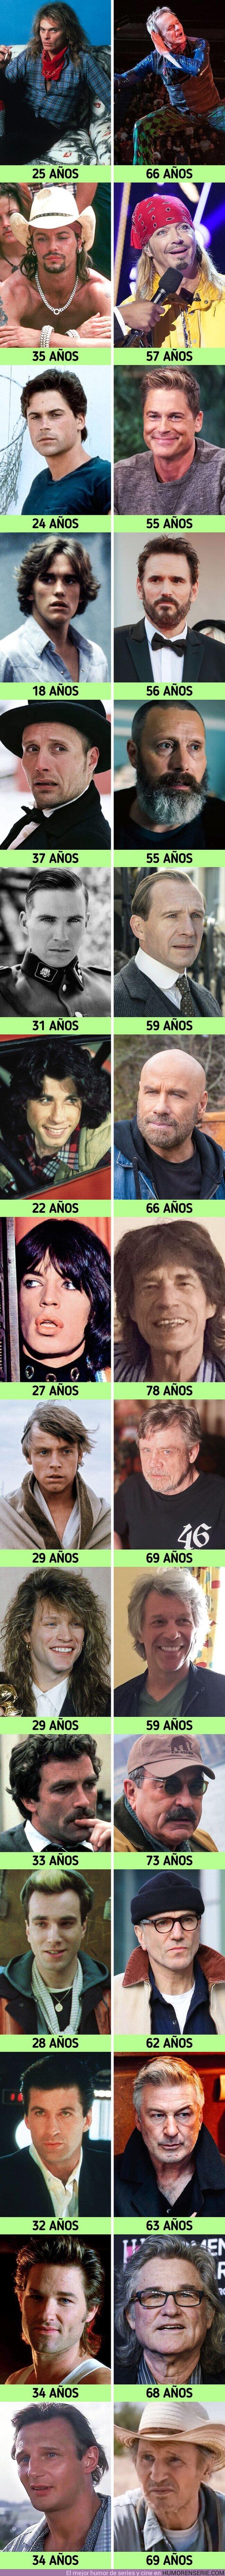 70726 - GALERÍA: Comparamos cuánto han cambiado físicamente 15 famosos de jóvenes y de adultos